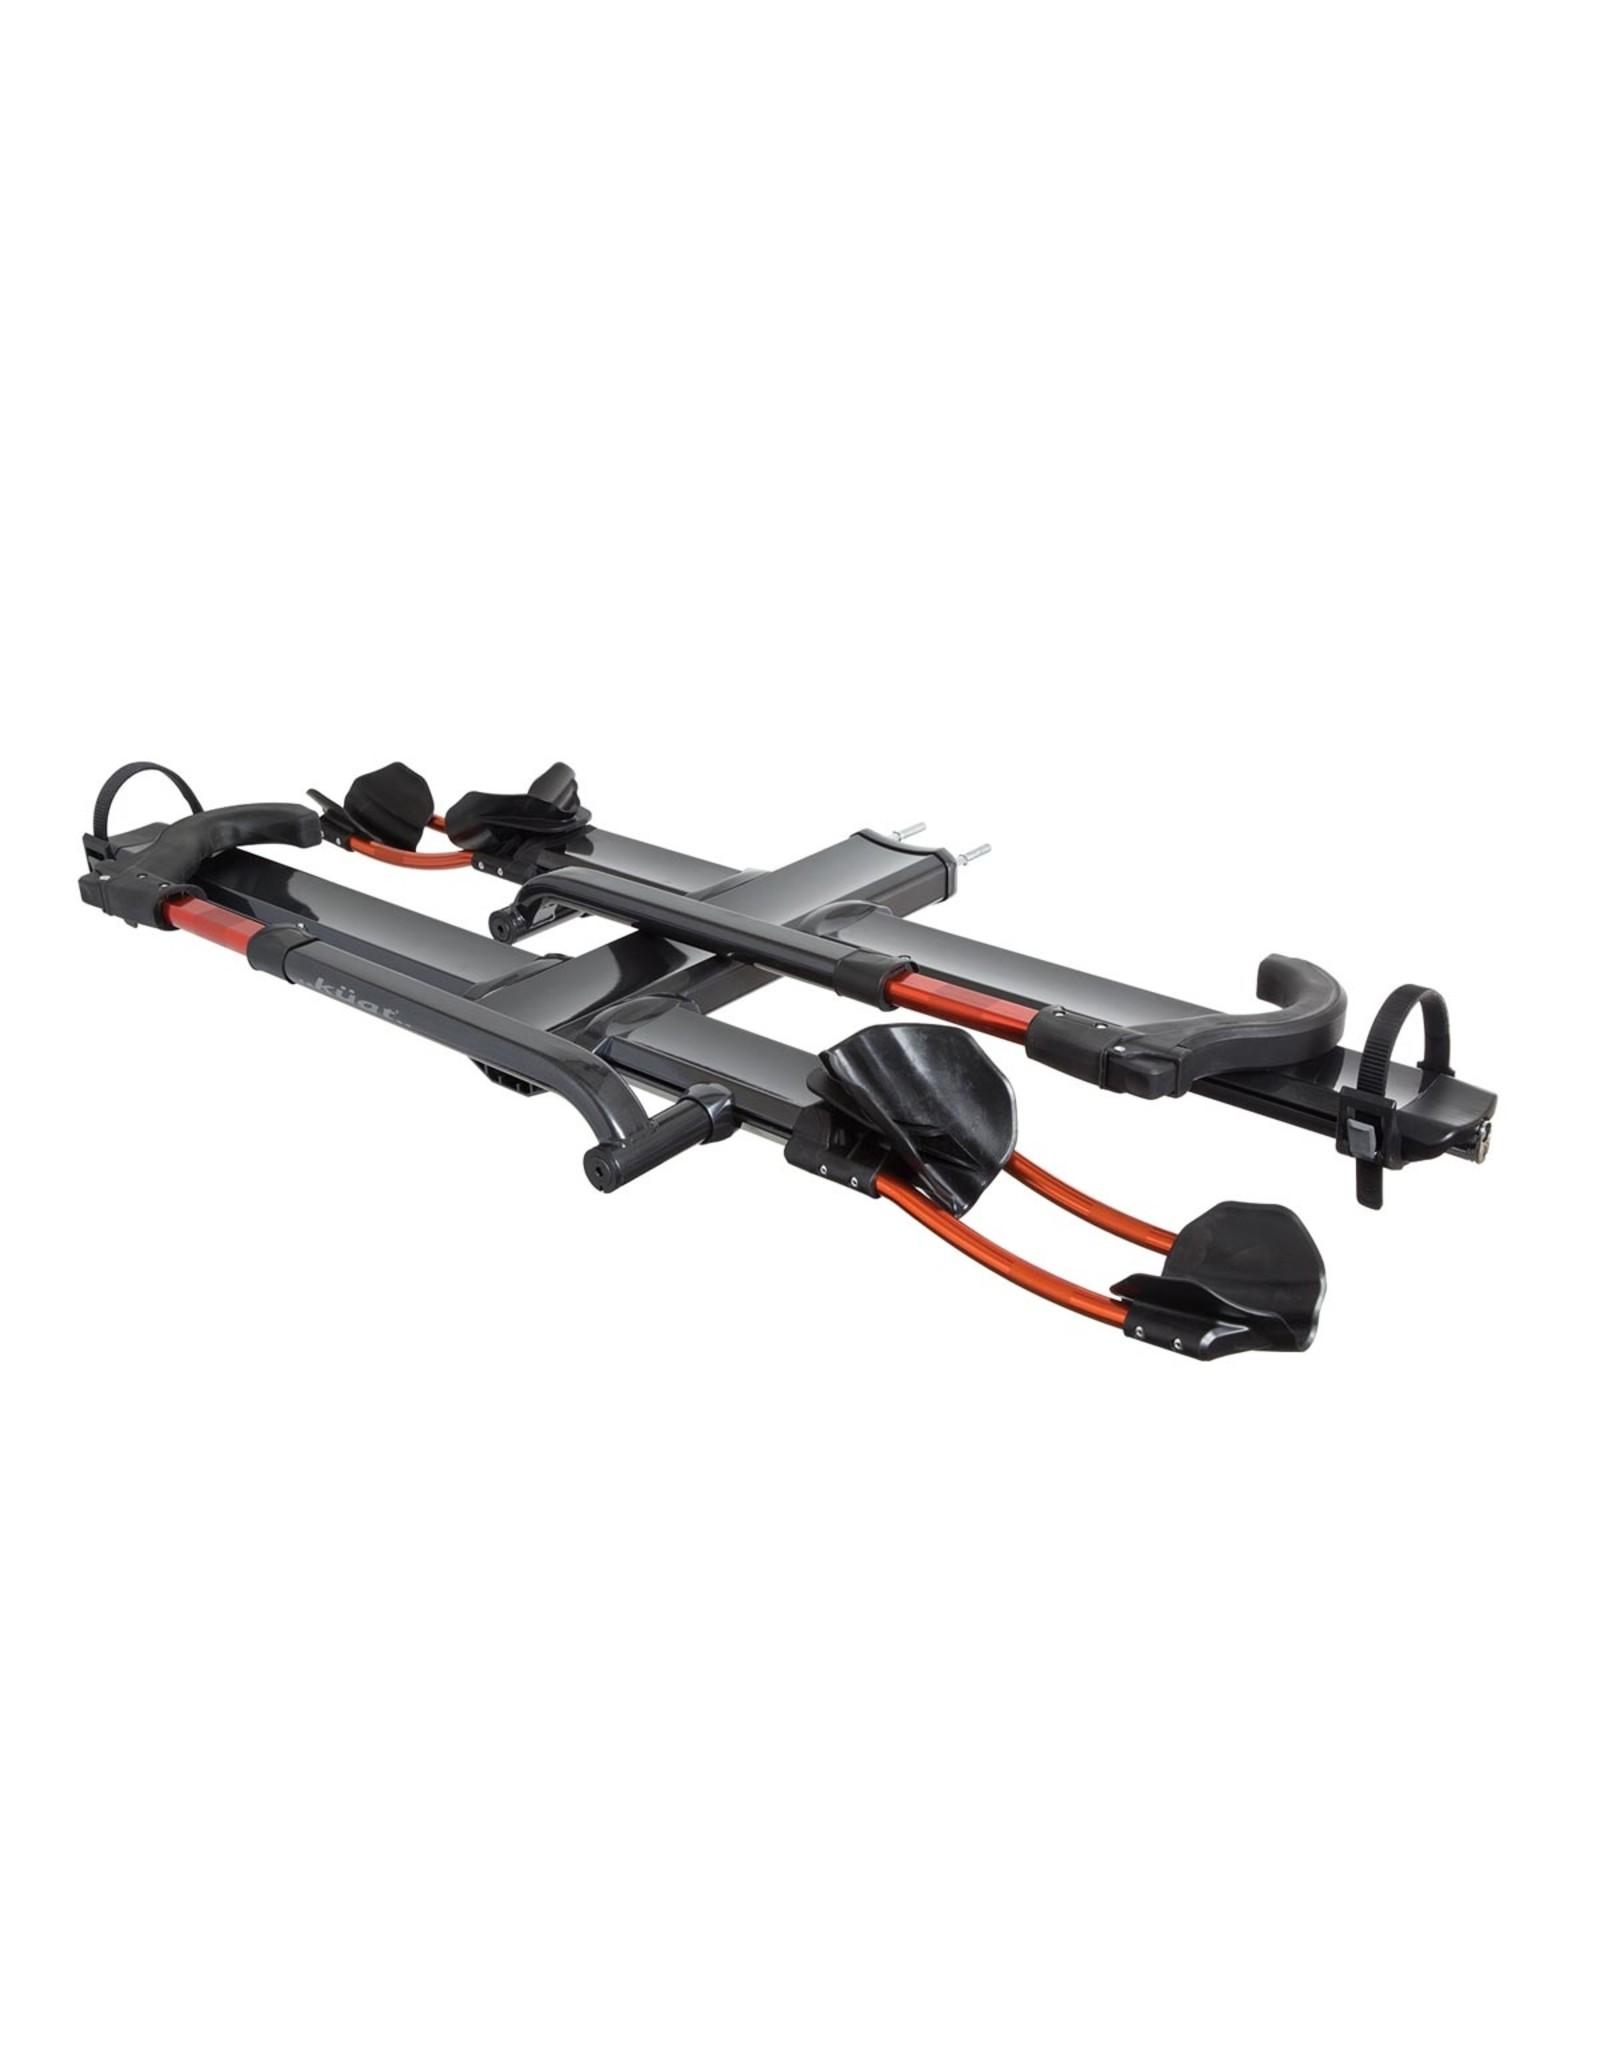 """Kuat NV 2.0 Add-On - 2"""" +2-Bike Rack - Gray Metallic and Orange"""